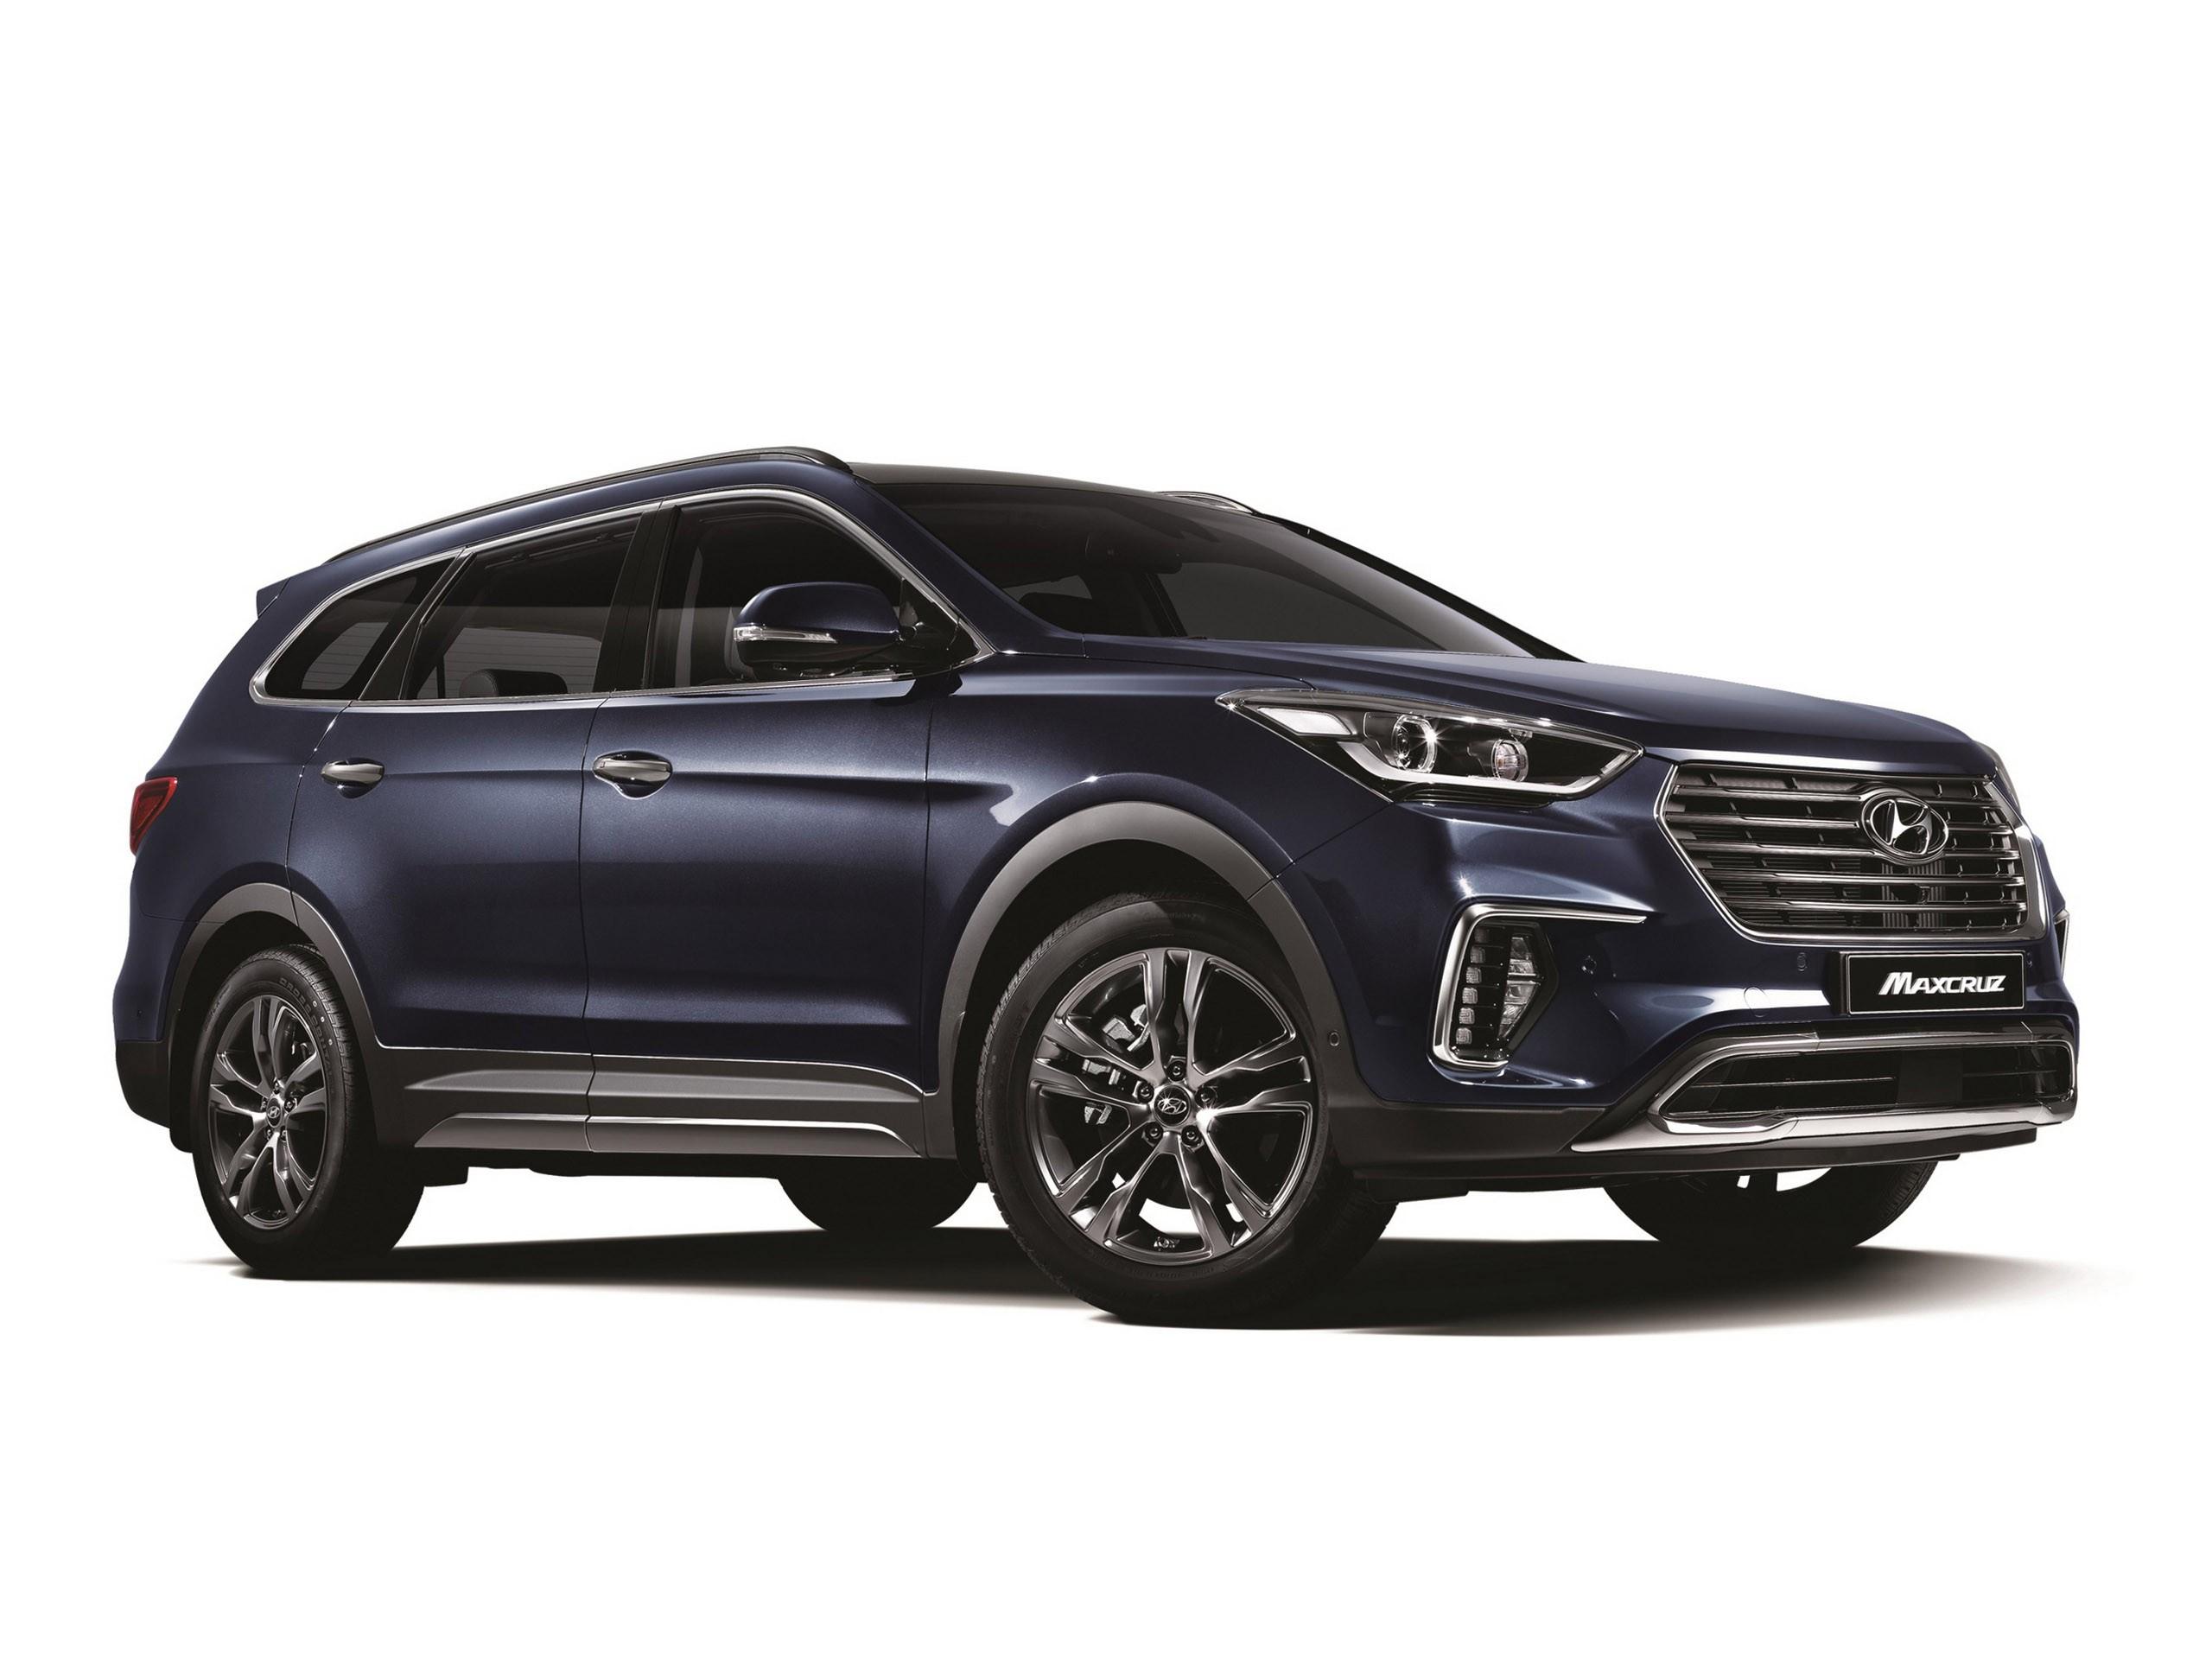 2016 Hyundai Maxcruz Santa Fe